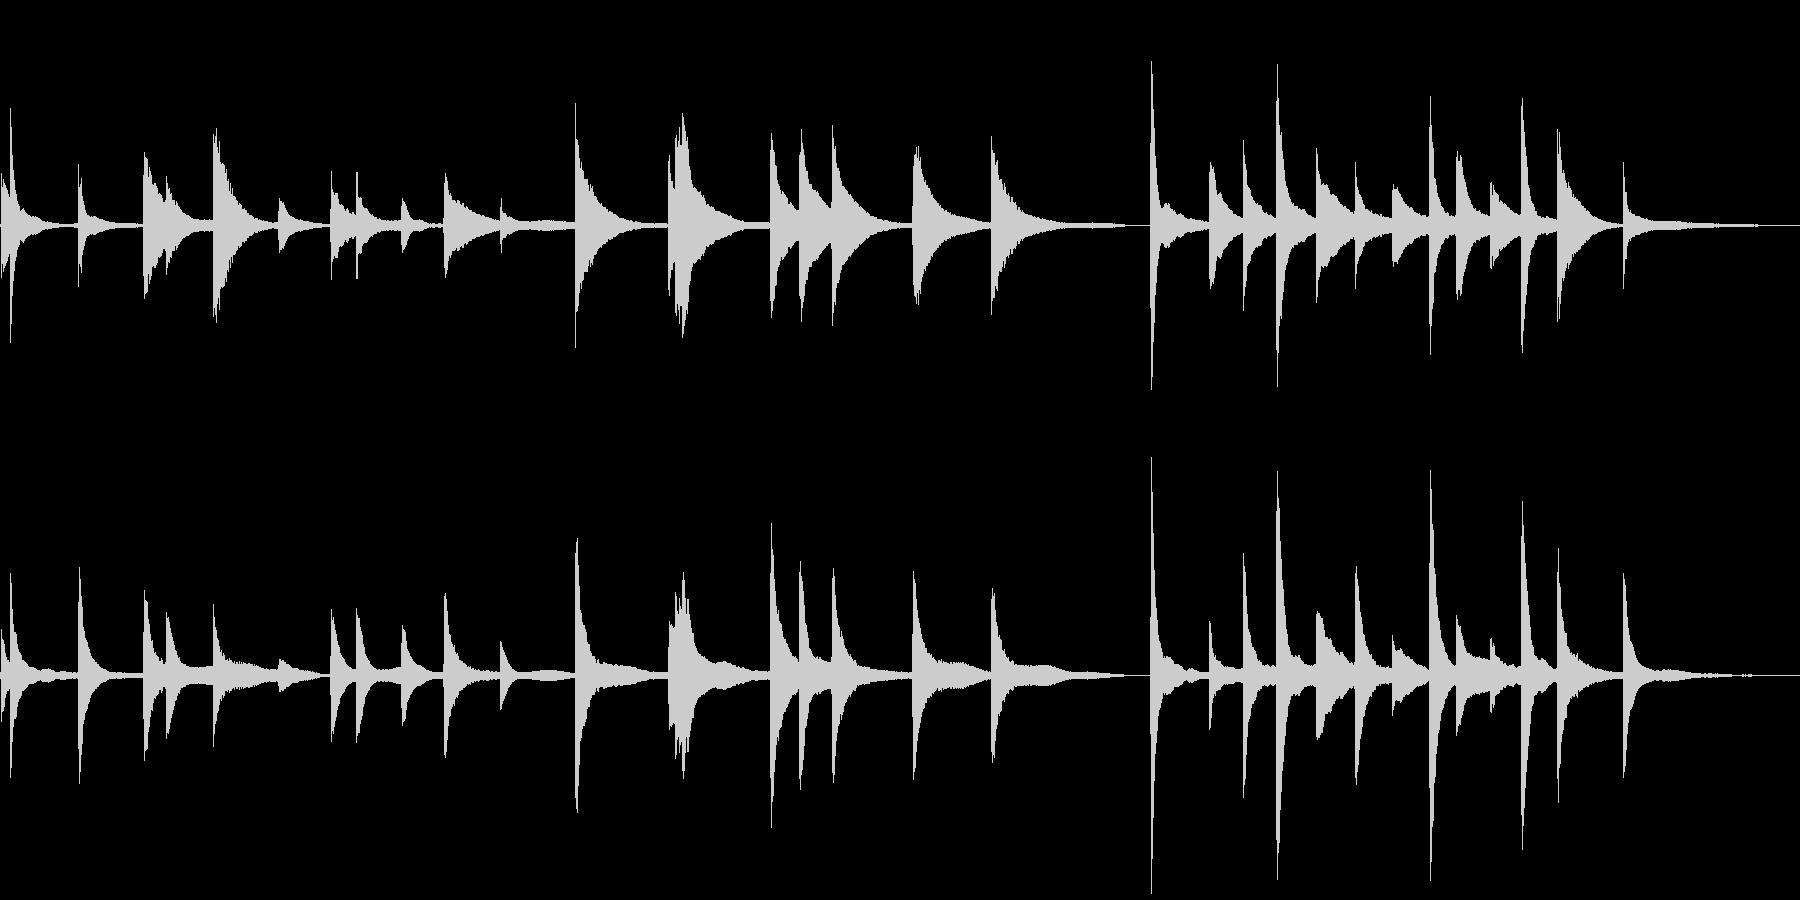 朗読・証言用のBGM②~ピアノソロ~の未再生の波形